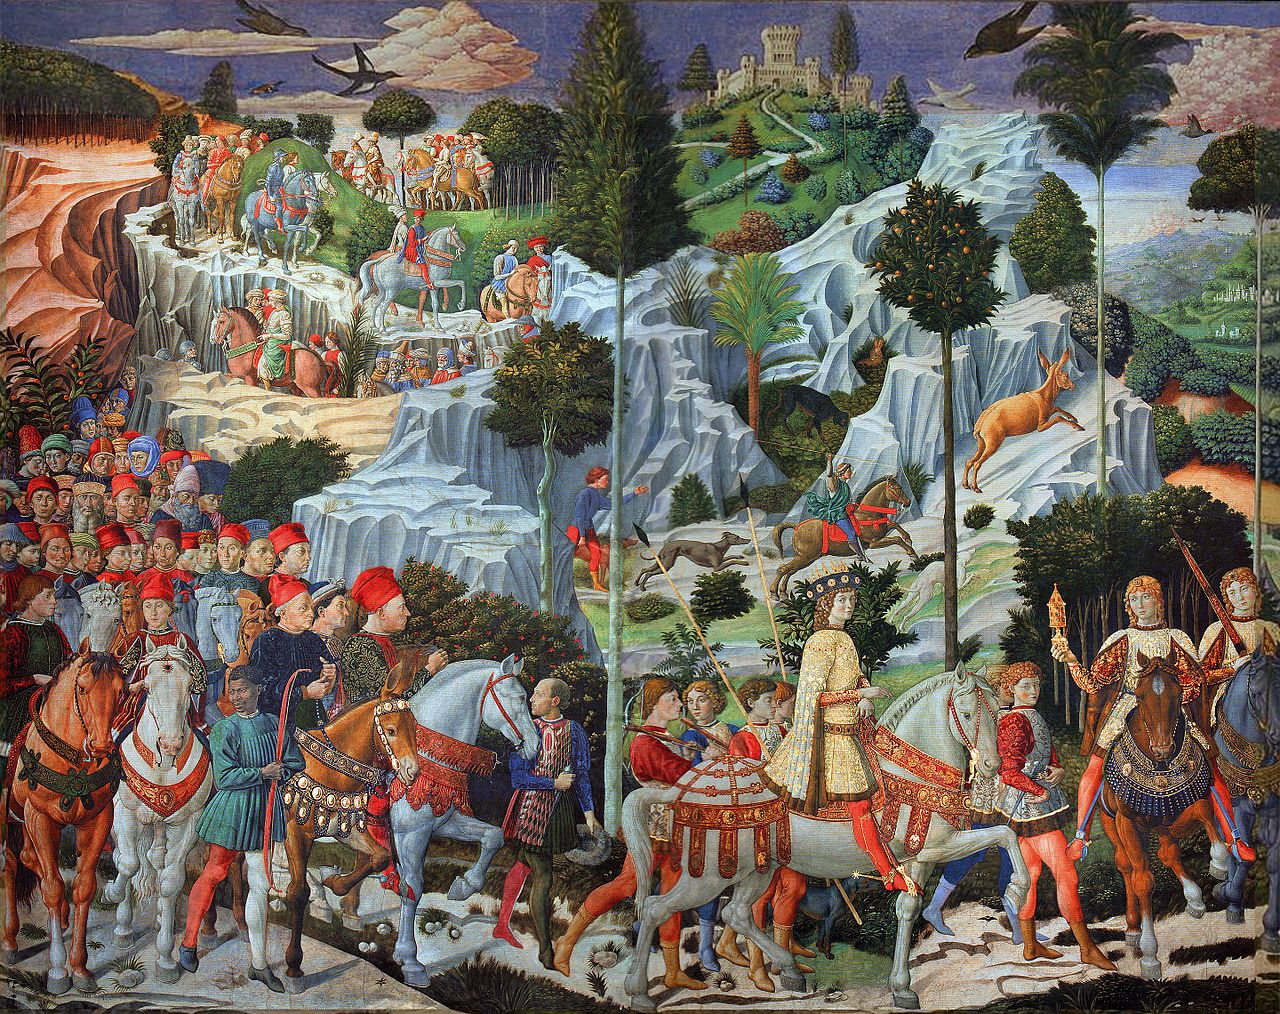 Benozzo Gozzoli, Procession of the Magi, 1459-61 | © La Capella dei Magi/WikiCommons